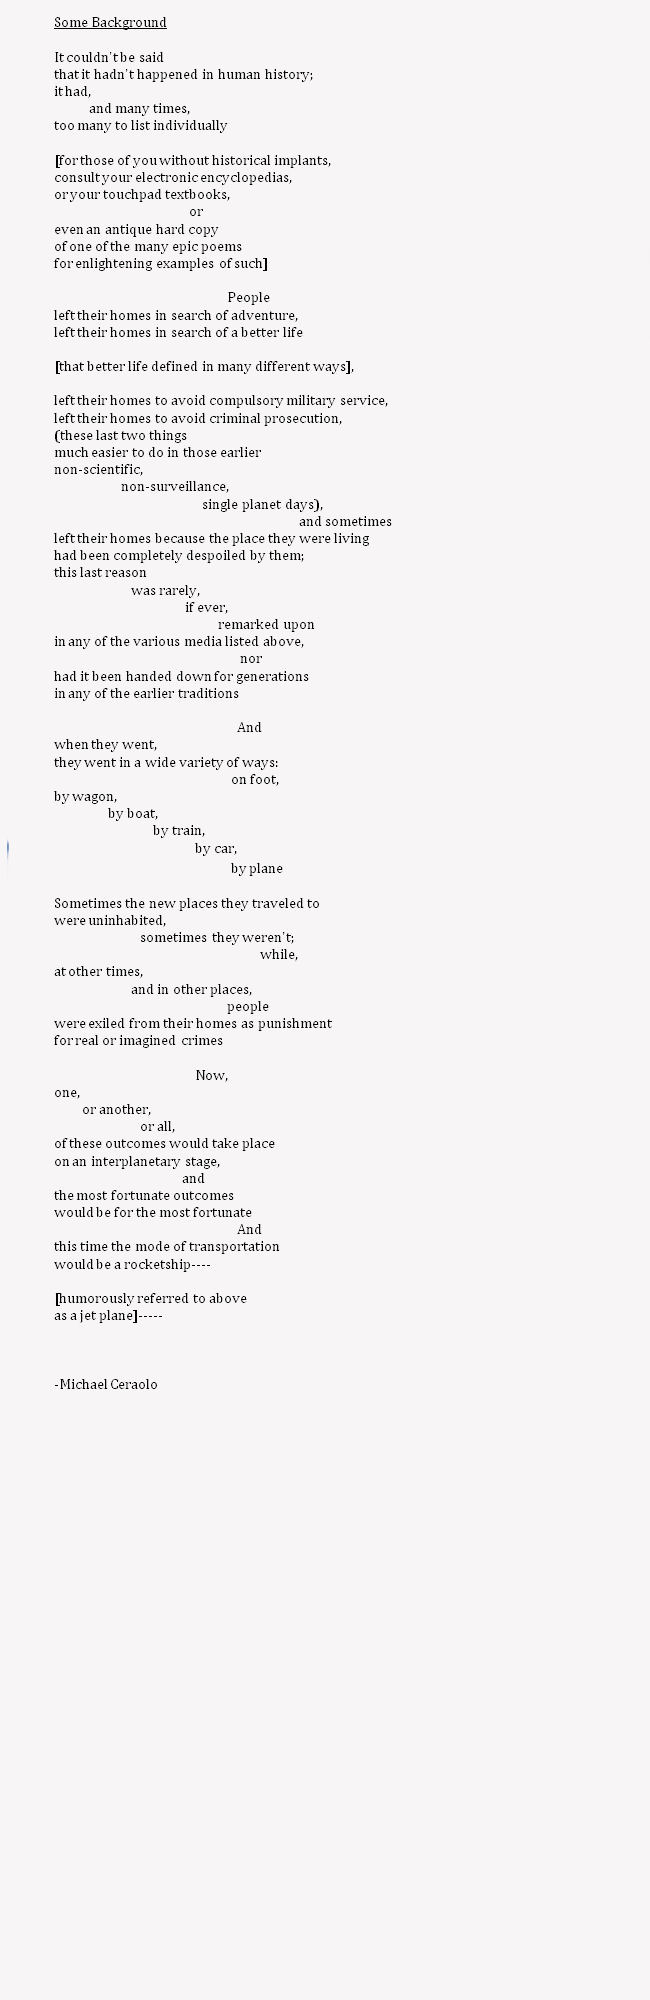 poem full.